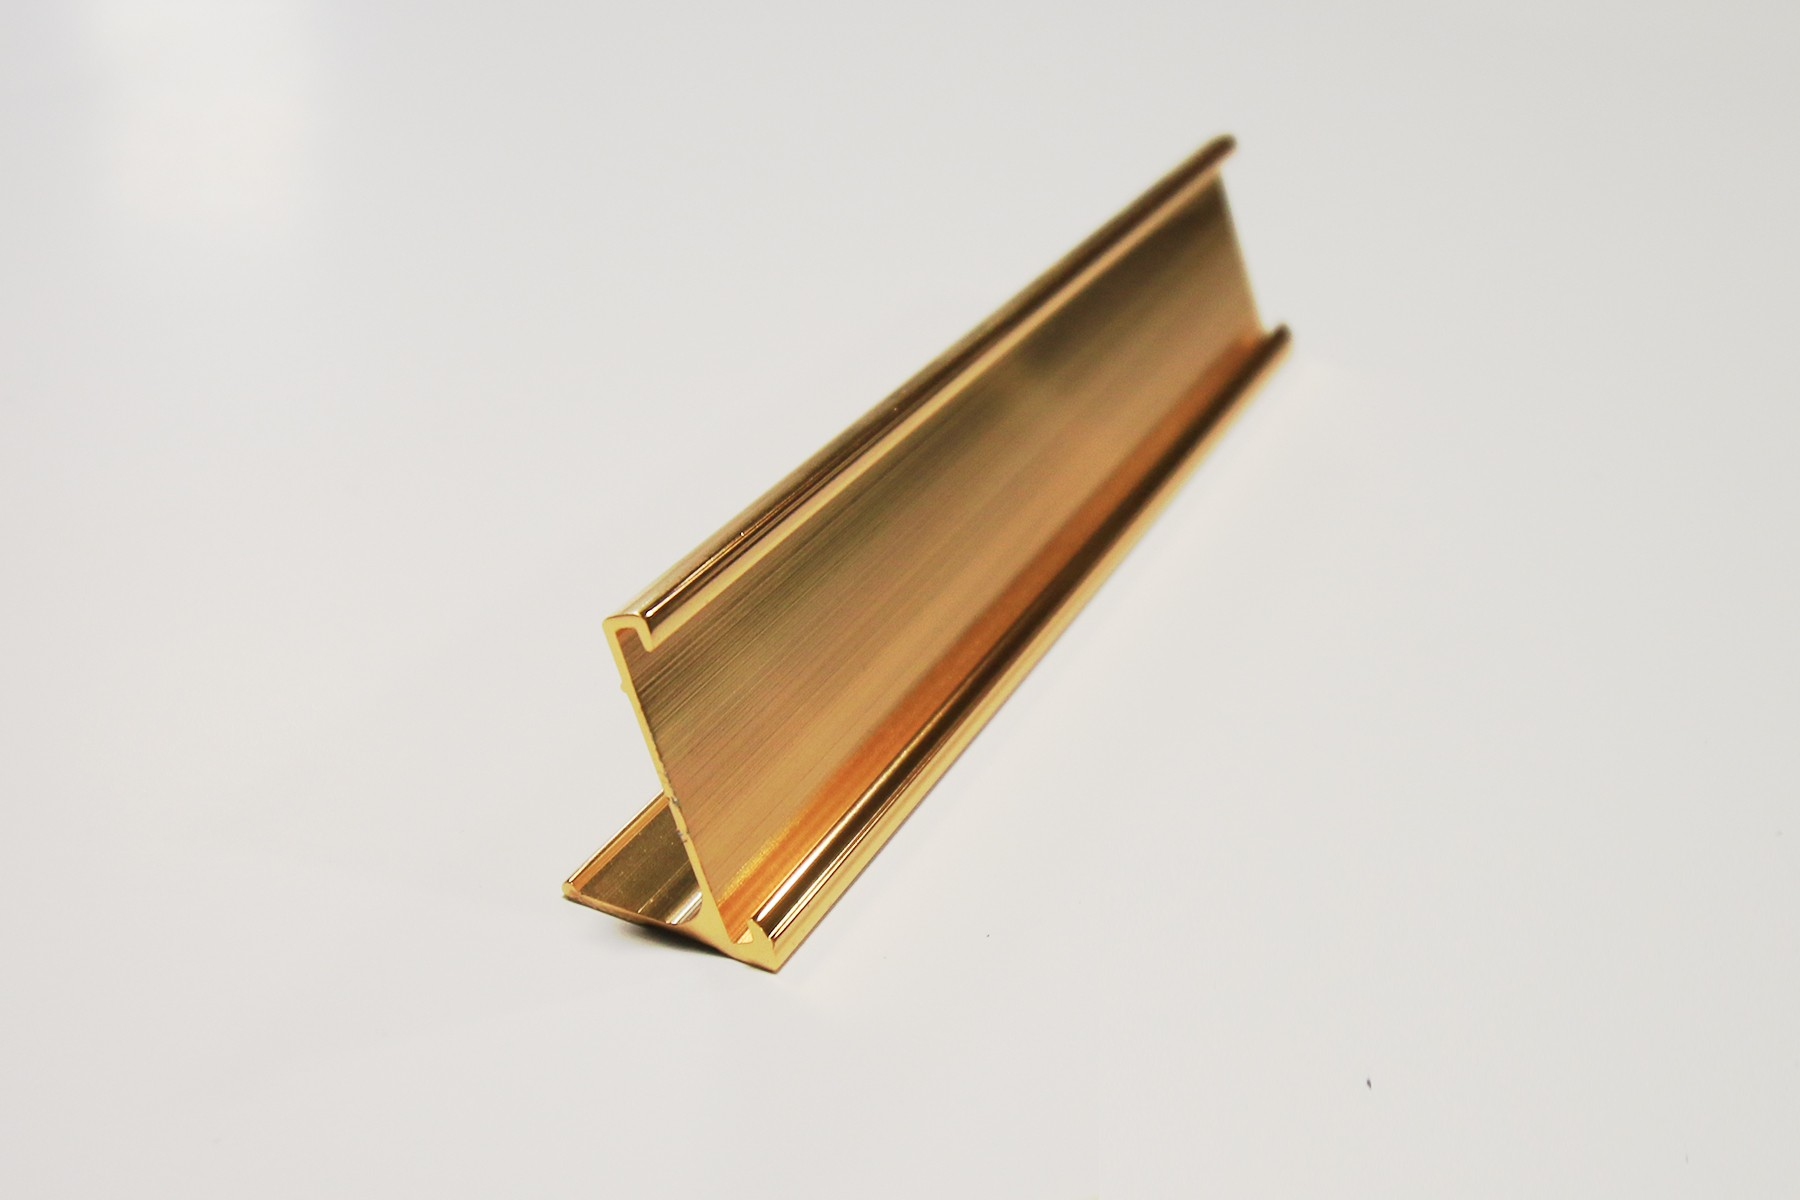 1 x 8 Desk Holder, Gold